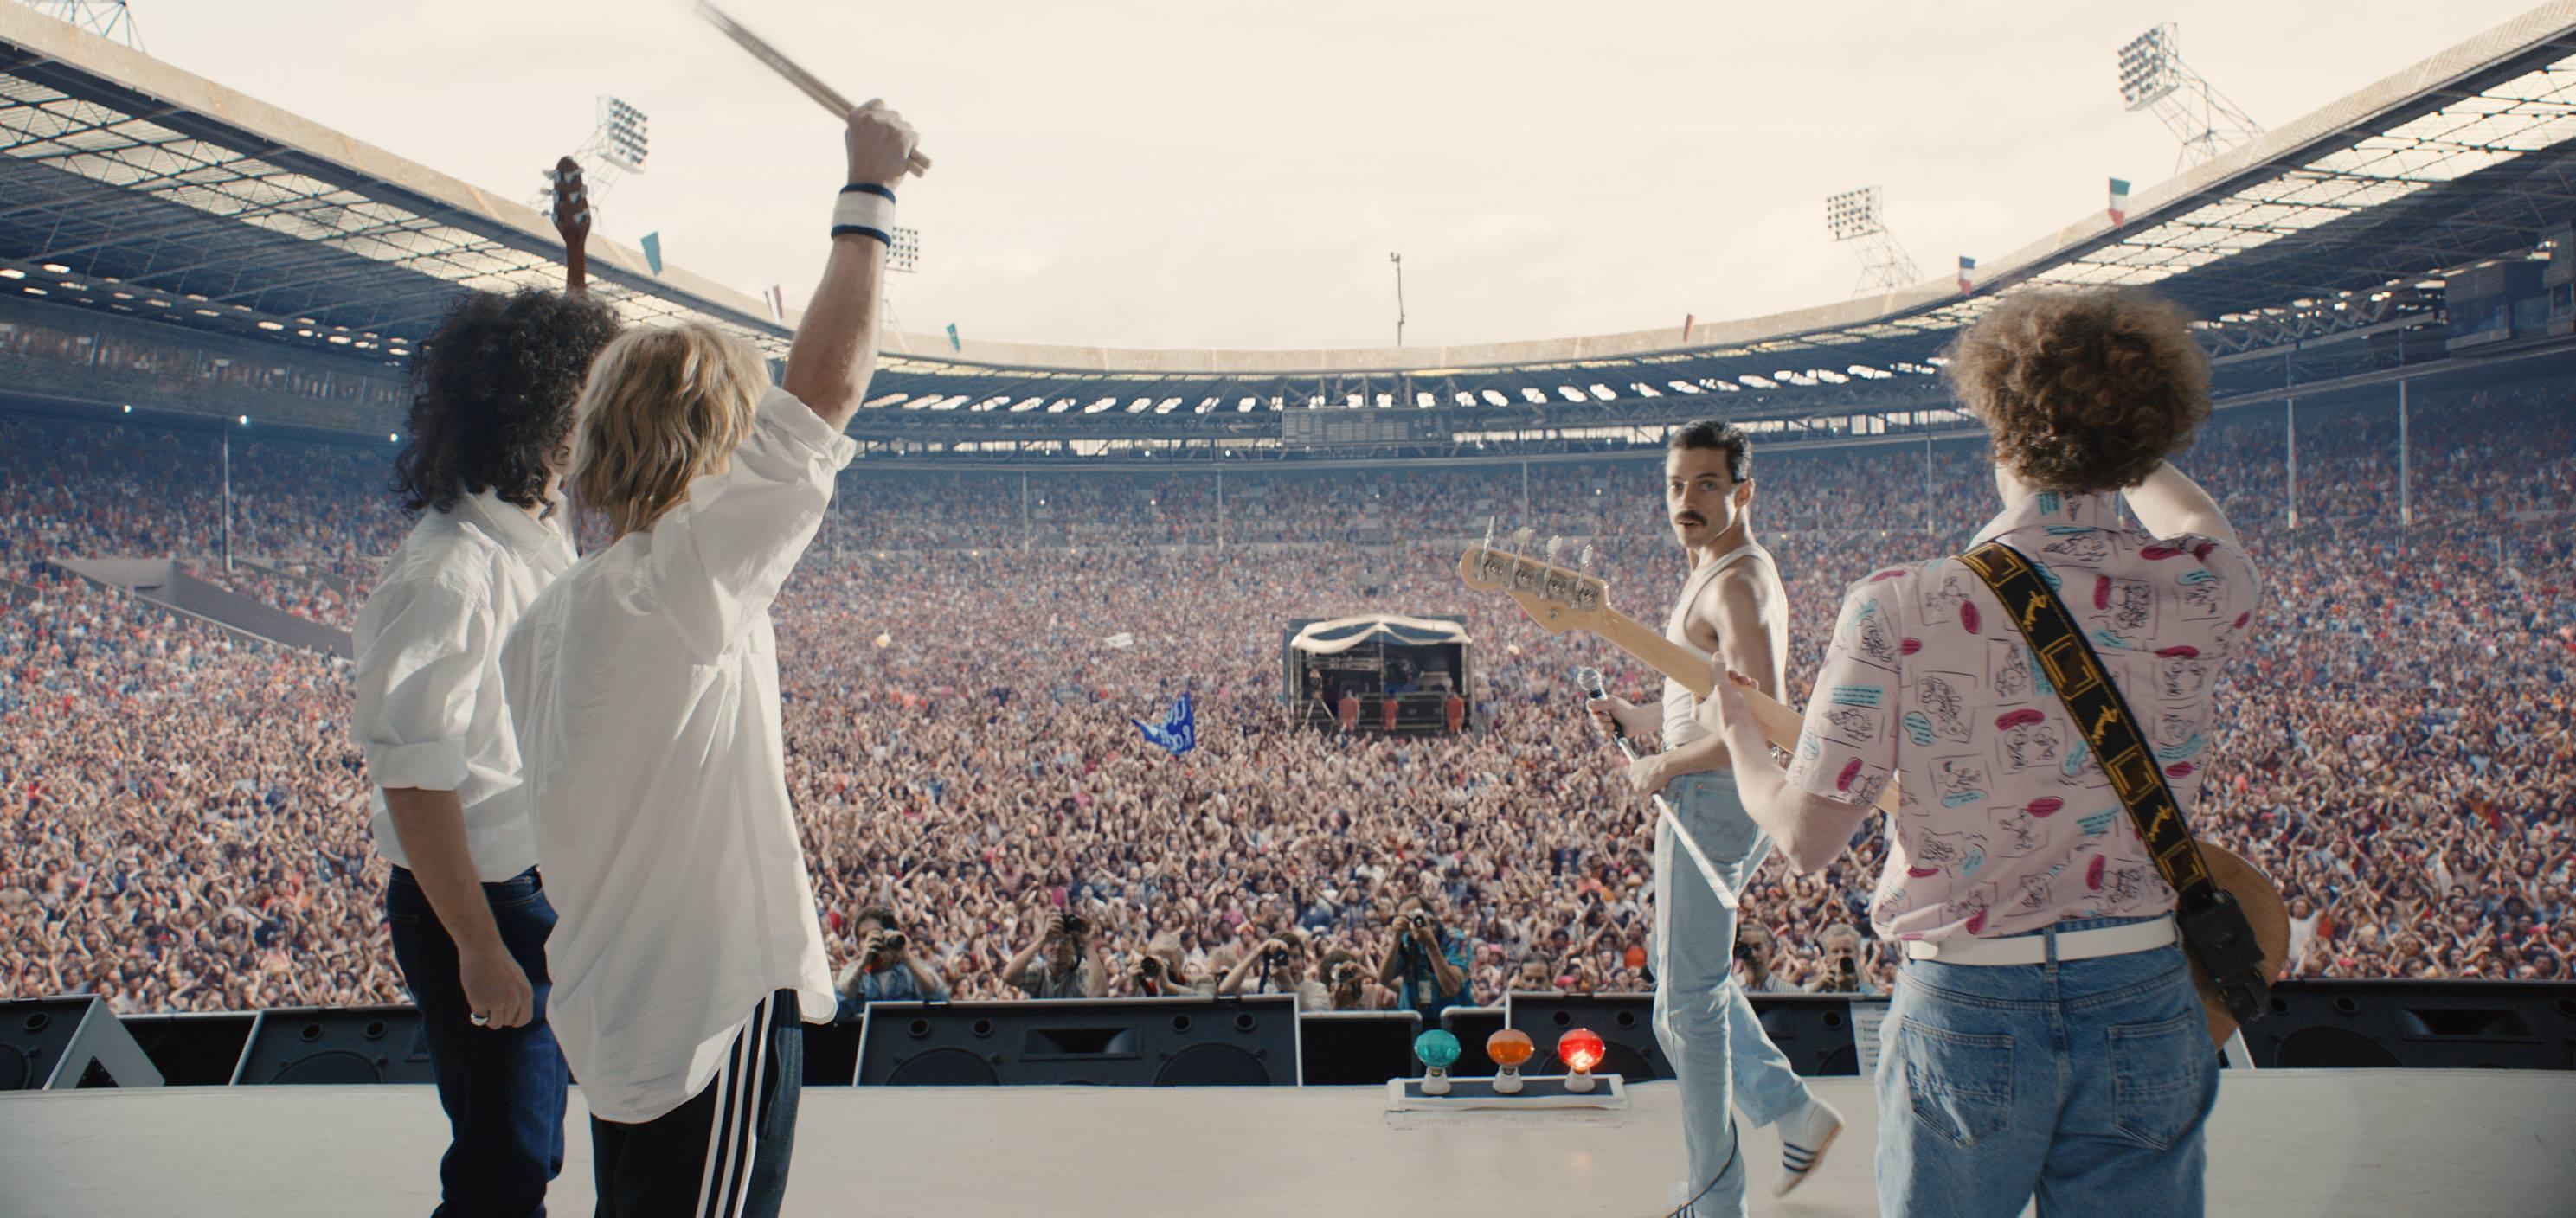 Část filmu Bohemian Rhapsody s vystoupením Queen na legendárním charitativním koncertu Live Aid v roce 1985